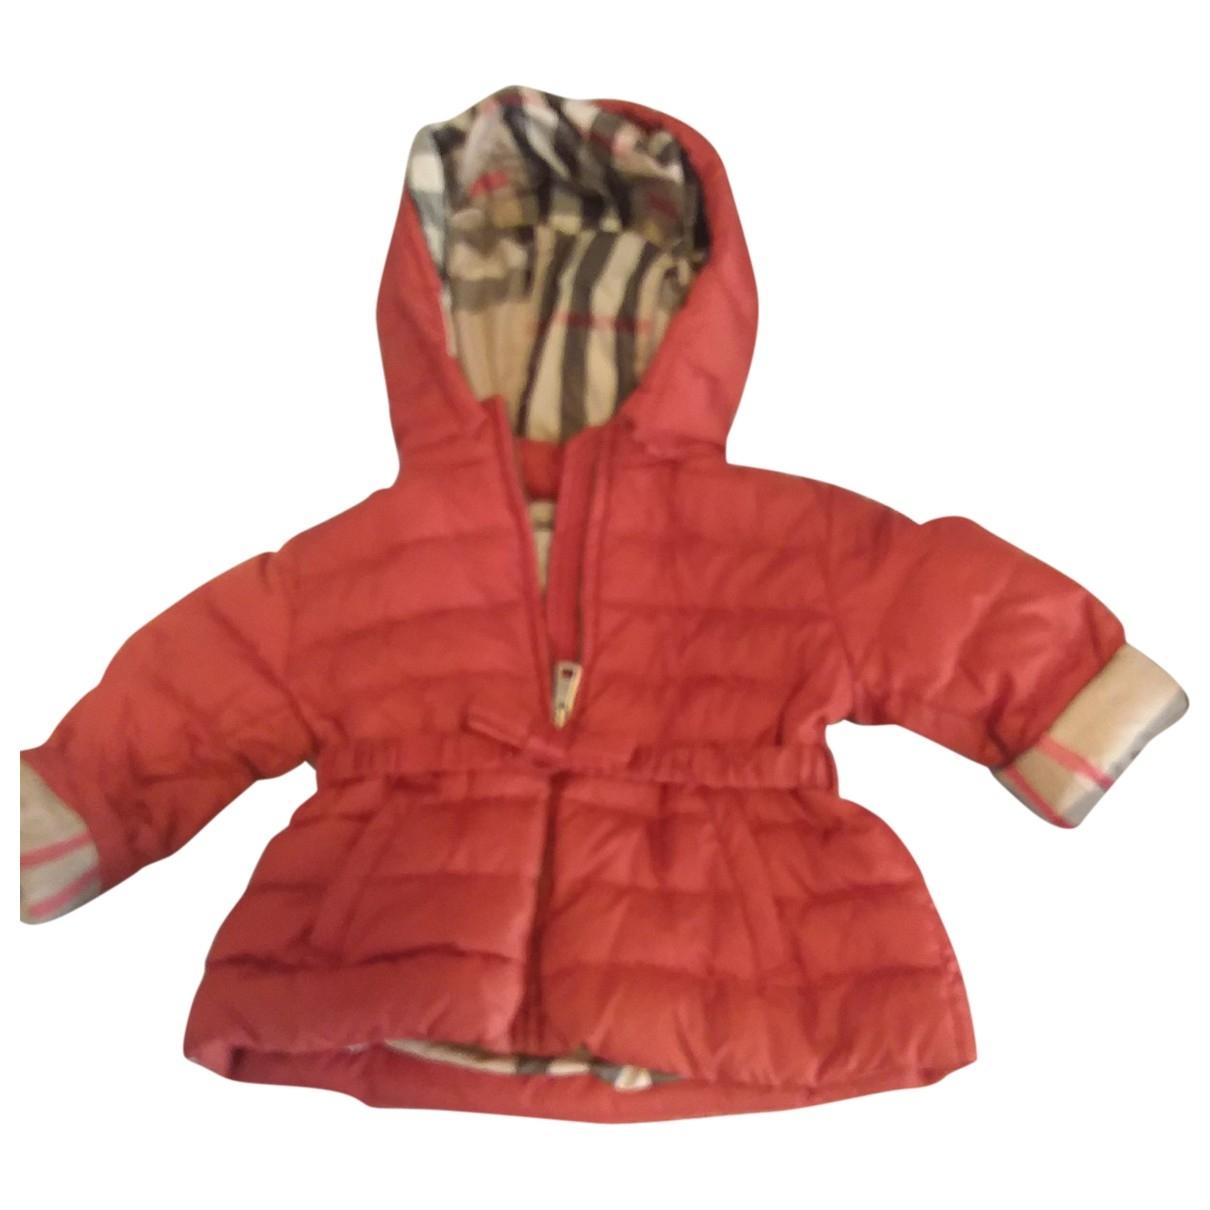 Burberry - Blousons.Manteaux   pour enfant - orange